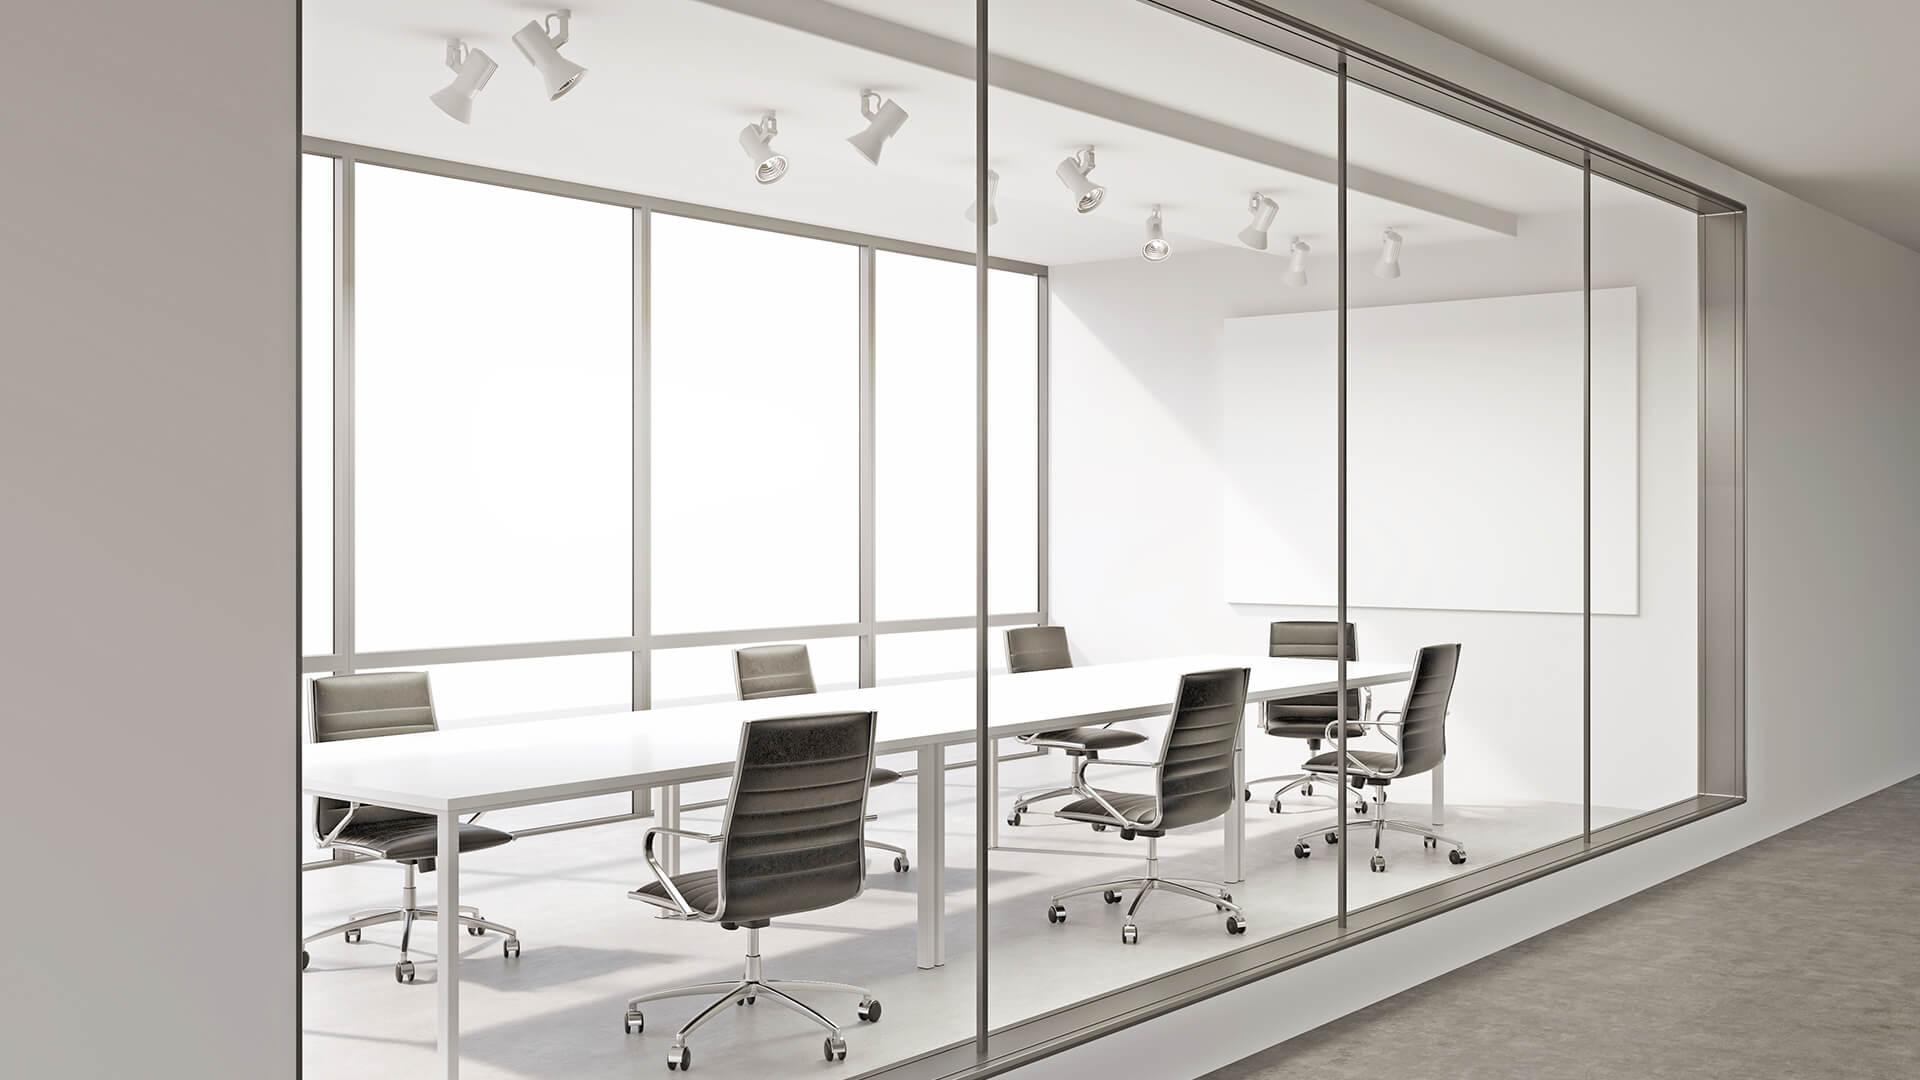 ofis camlari ve ofis cam bolme islemi - Ofis Camları ve Ofis Cam Bölme İşlemi